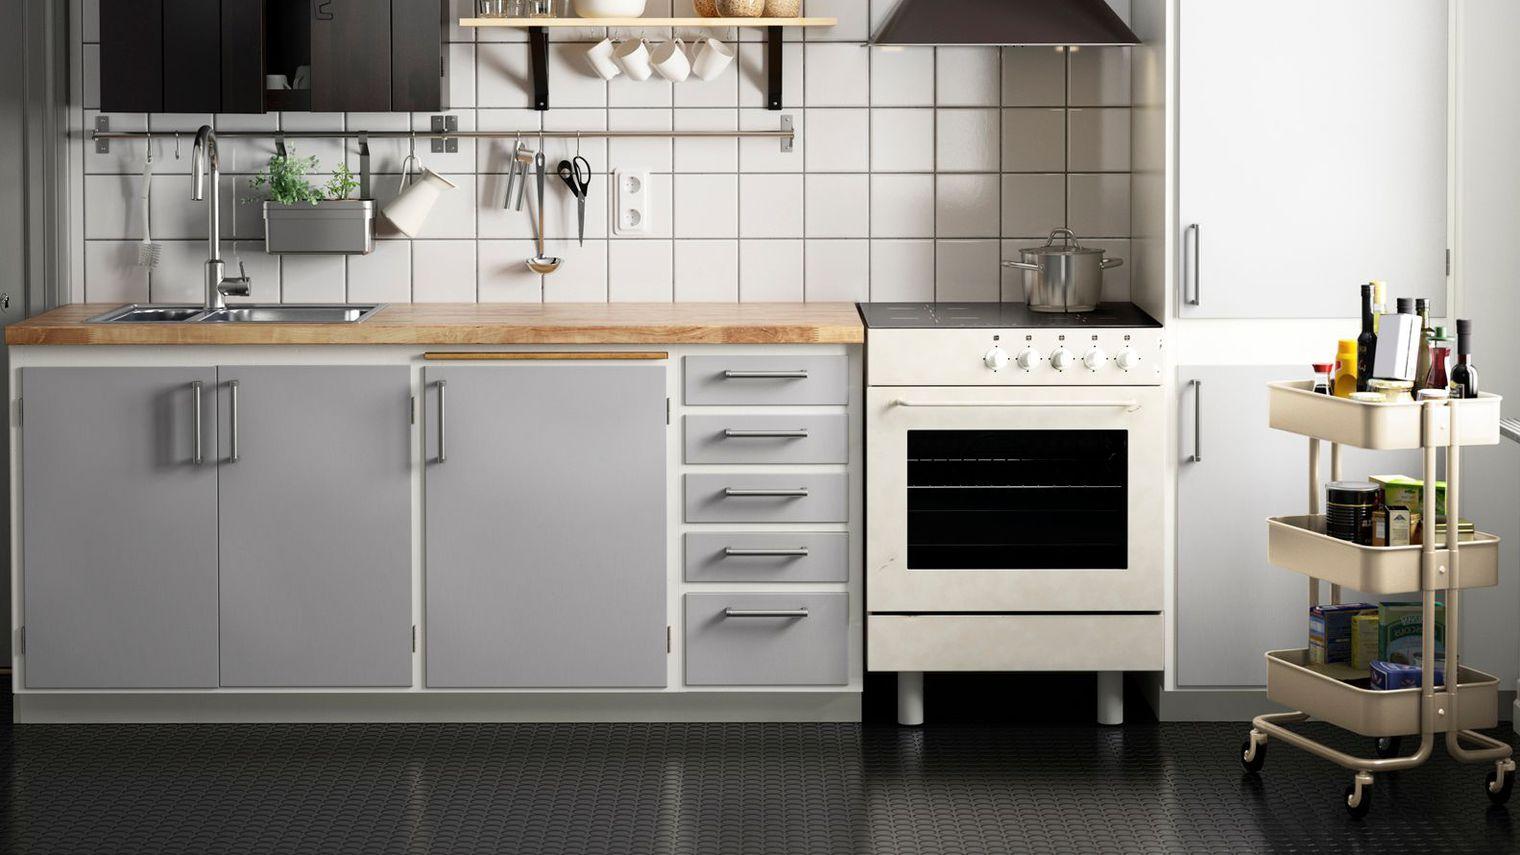 Meuble Bas Cuisine Ikea Gris Idee Cuisine